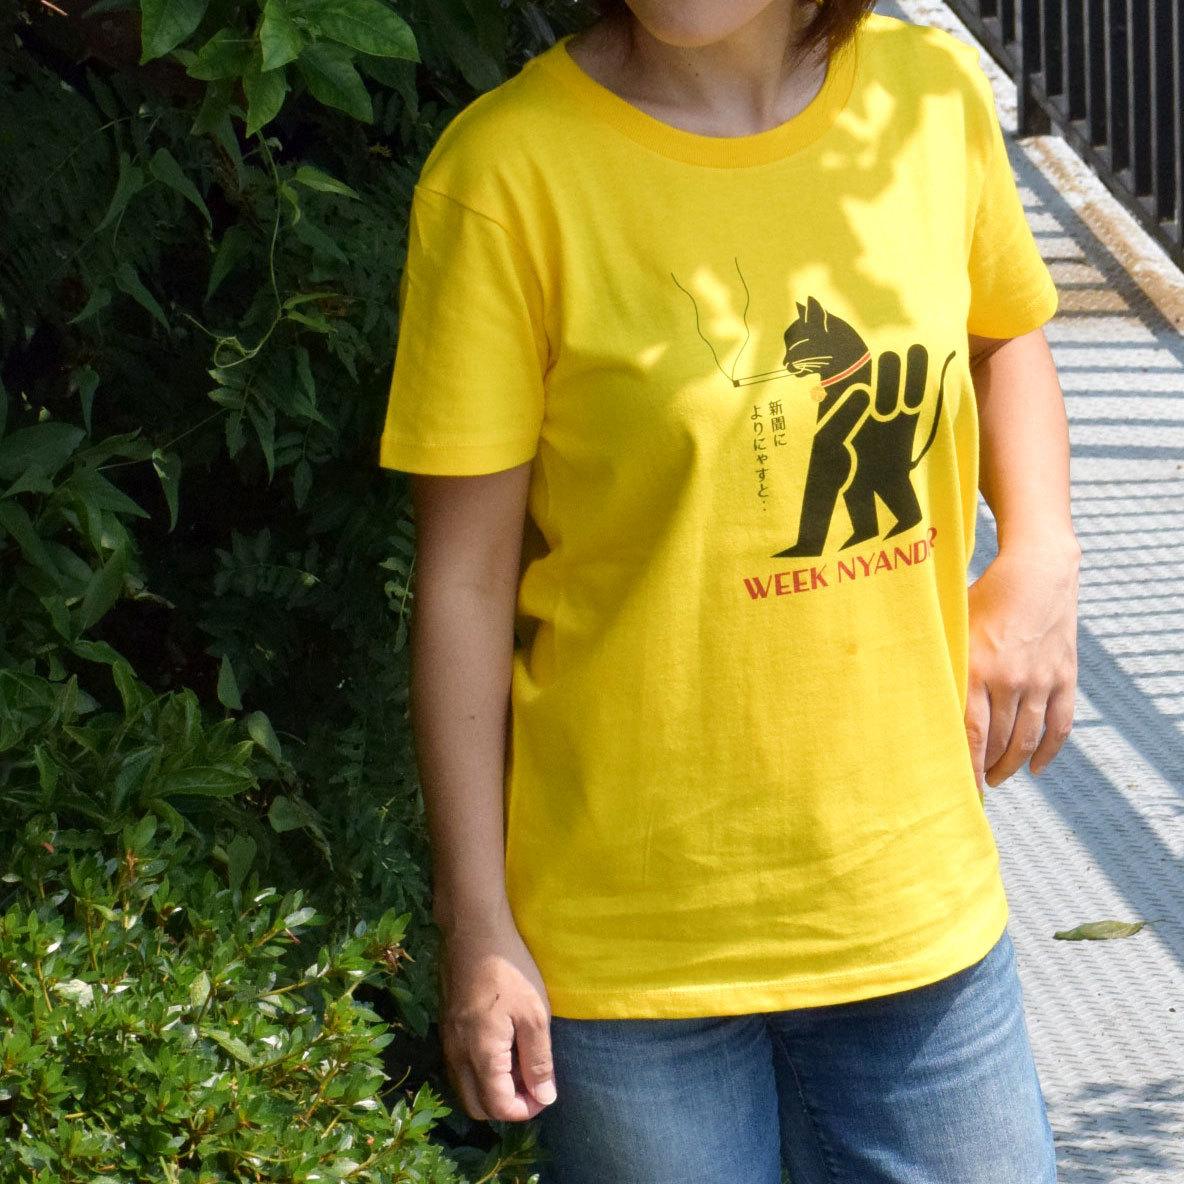 WEEK NYANDER Tシャツ - 【Men's】